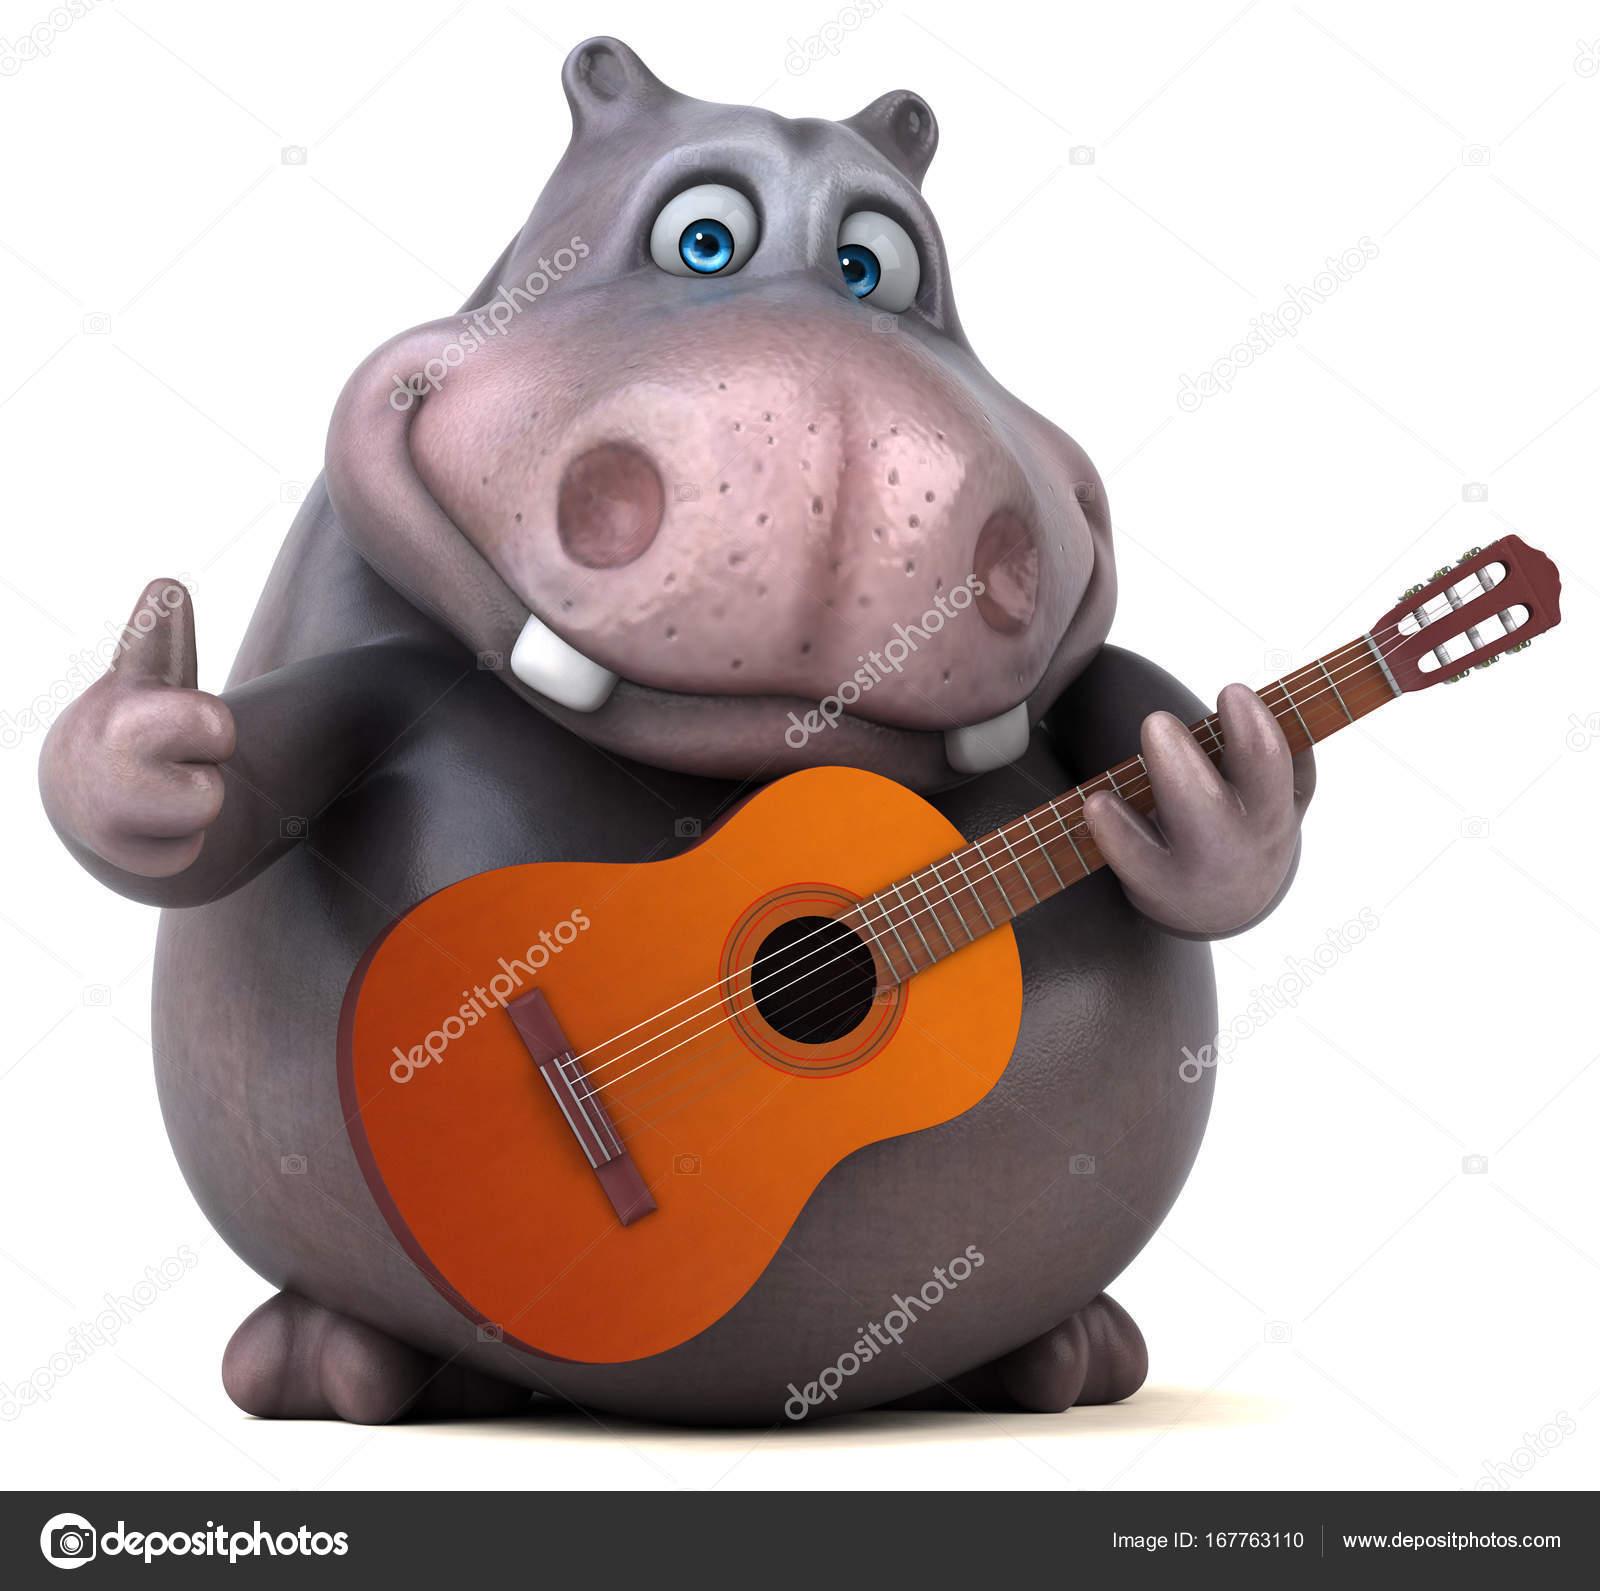 Personaggio dei cartoni animati riproduzione di musica u2014 foto stock